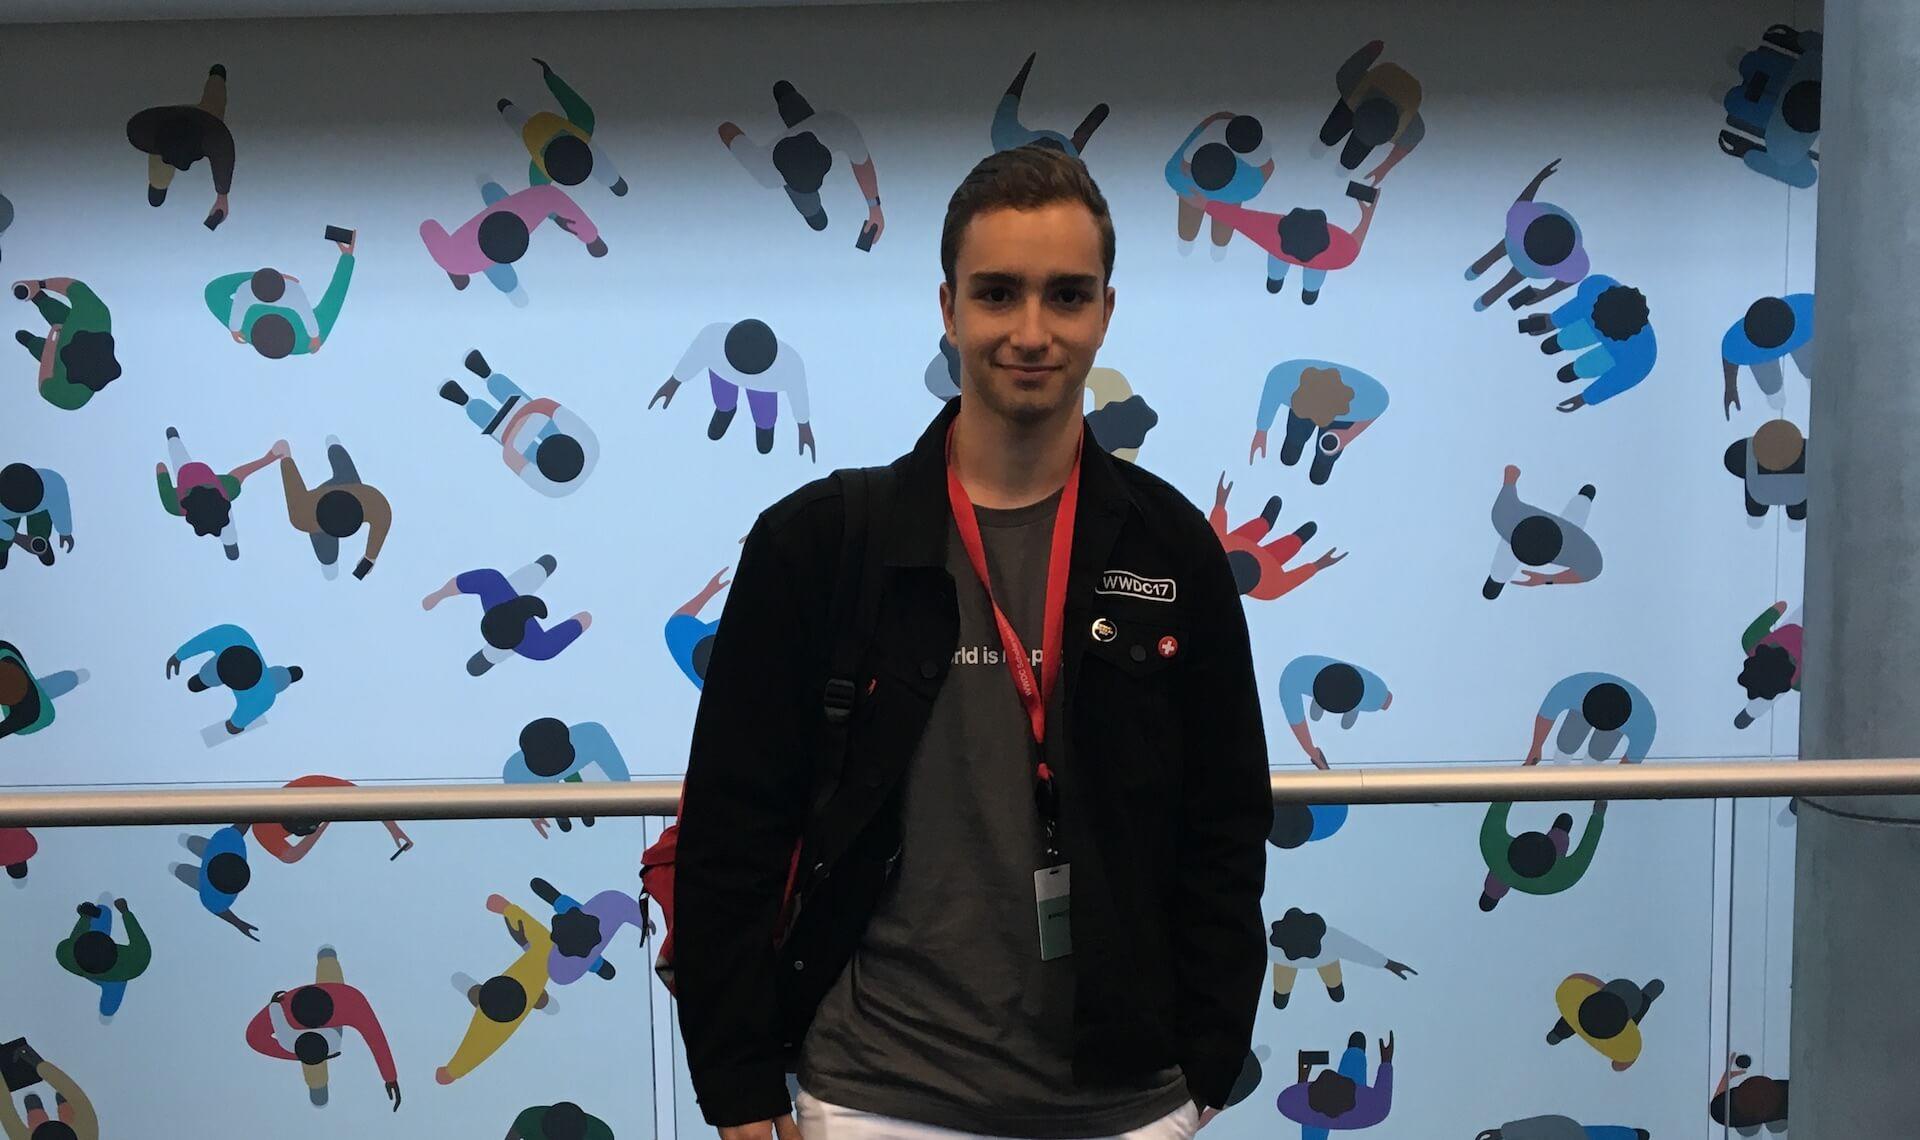 AntoineBellangerWWDC